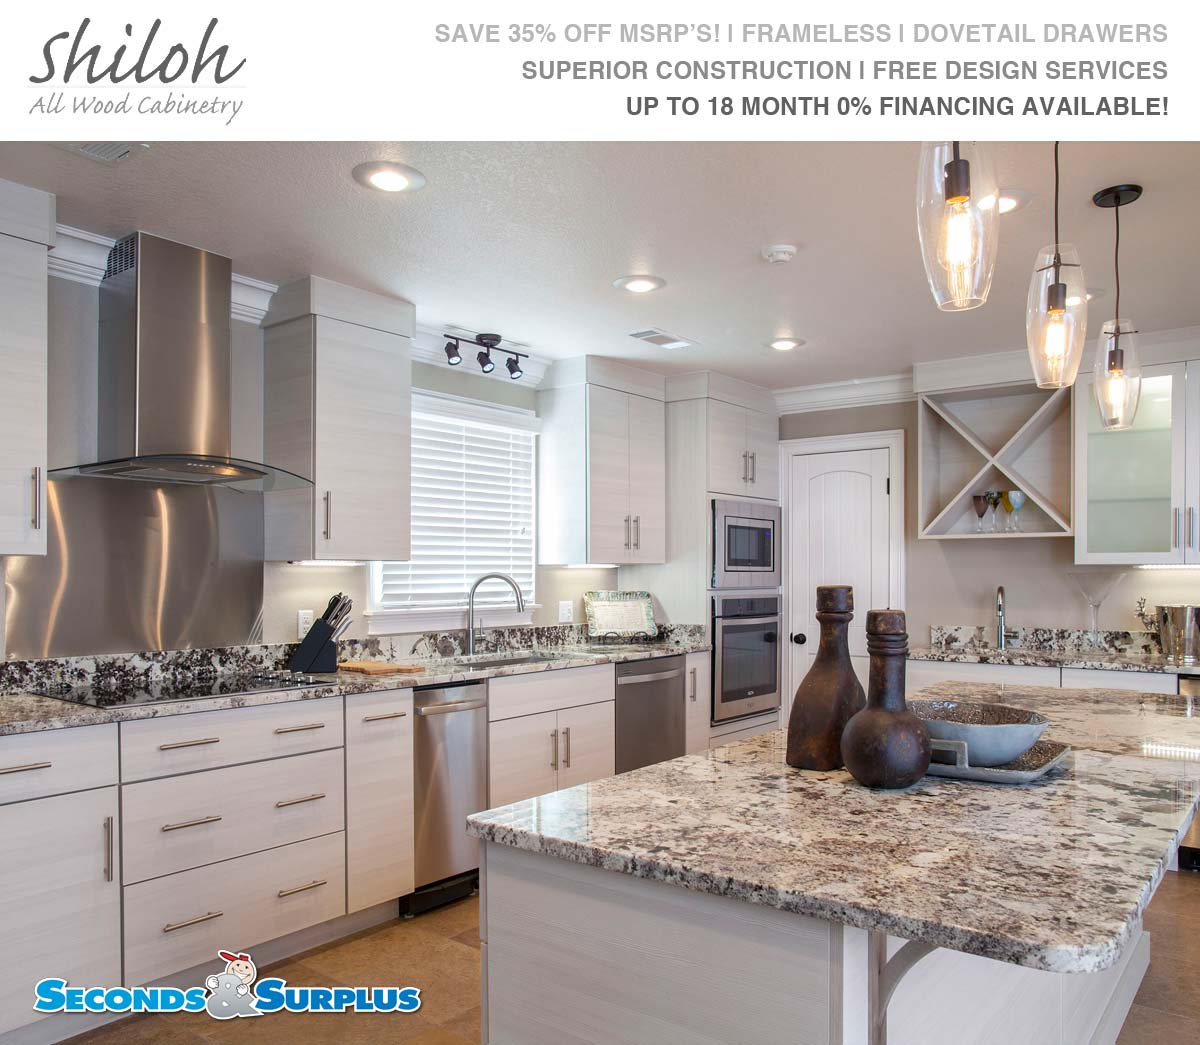 Shiloh Cabinets